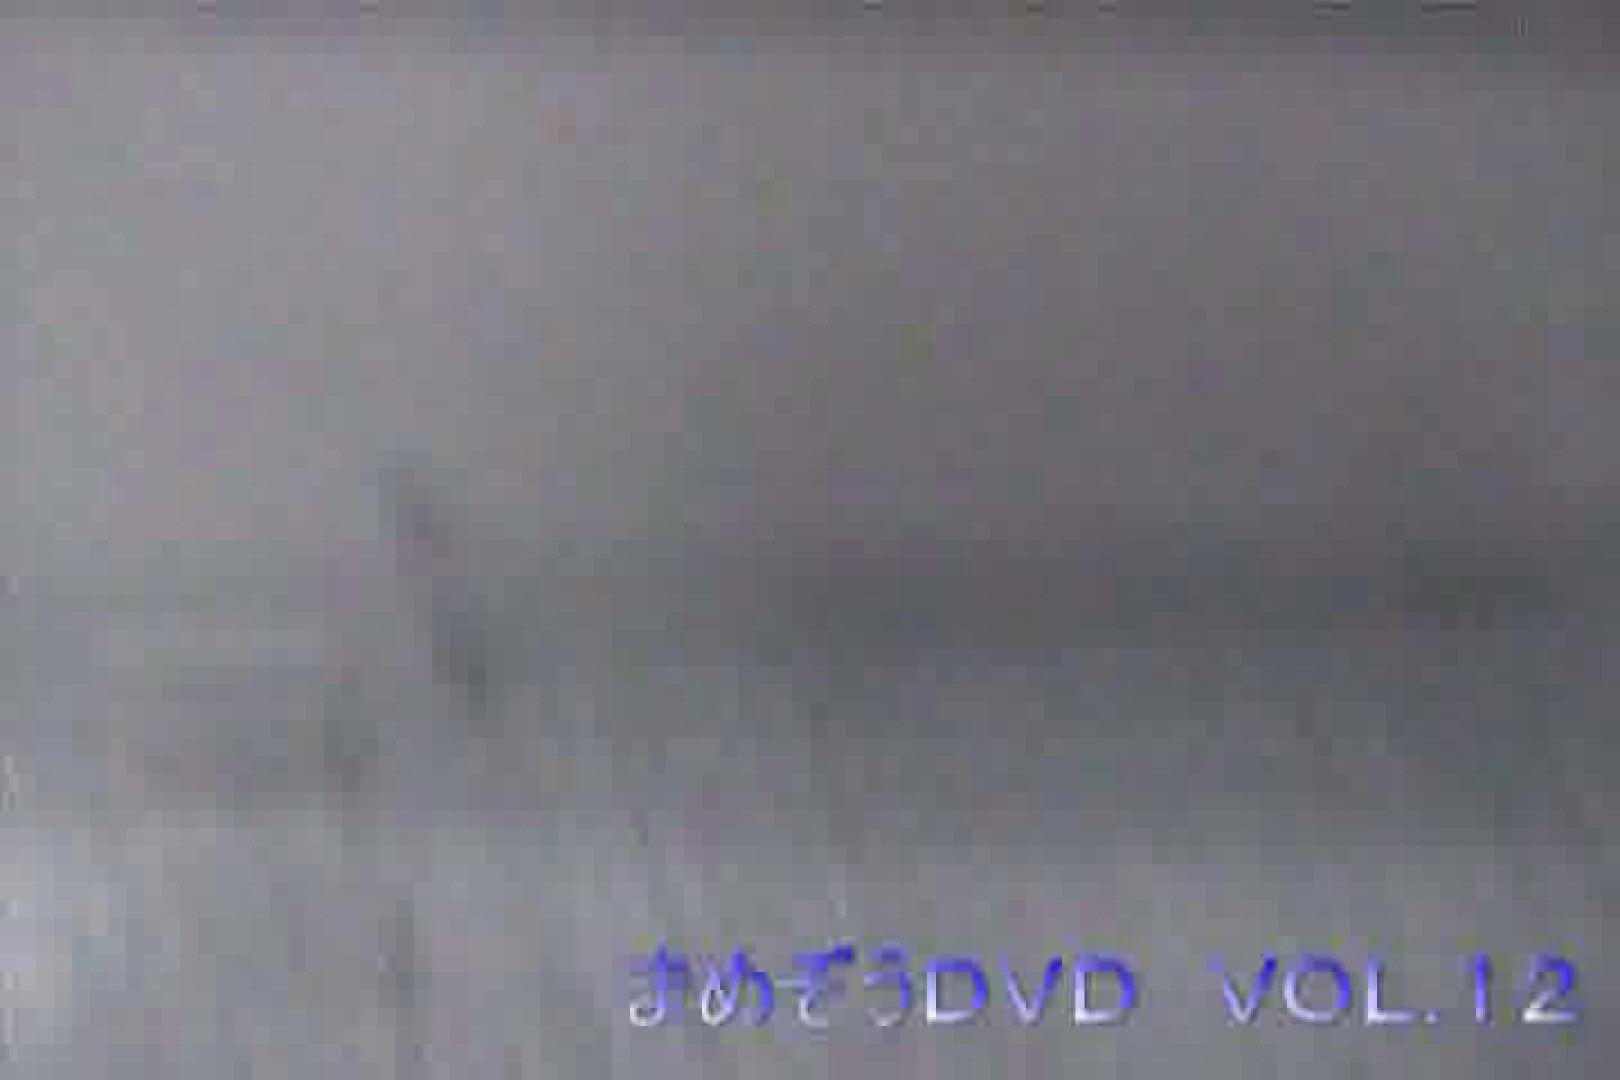 まめぞうDVD完全版VOL.12 ギャル  55連発 30